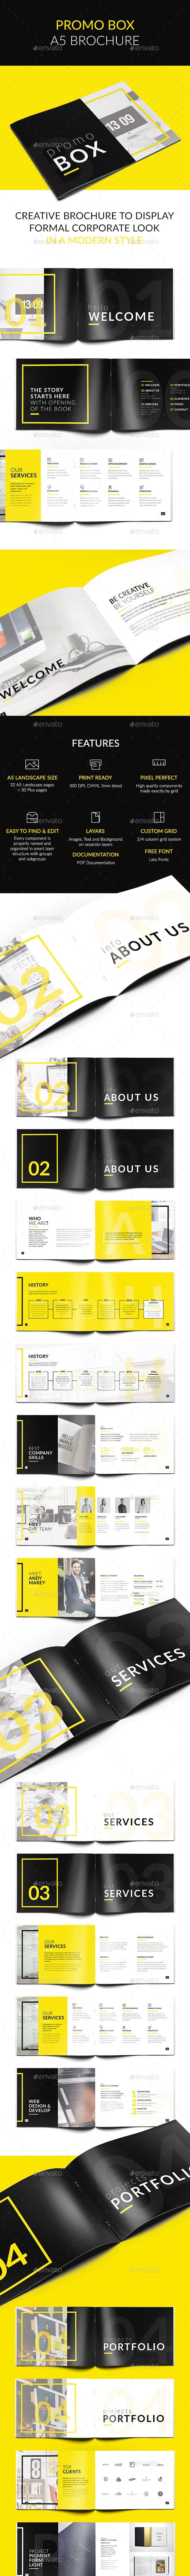 Promo BOX A5 Brochure - Brochures Print Templates